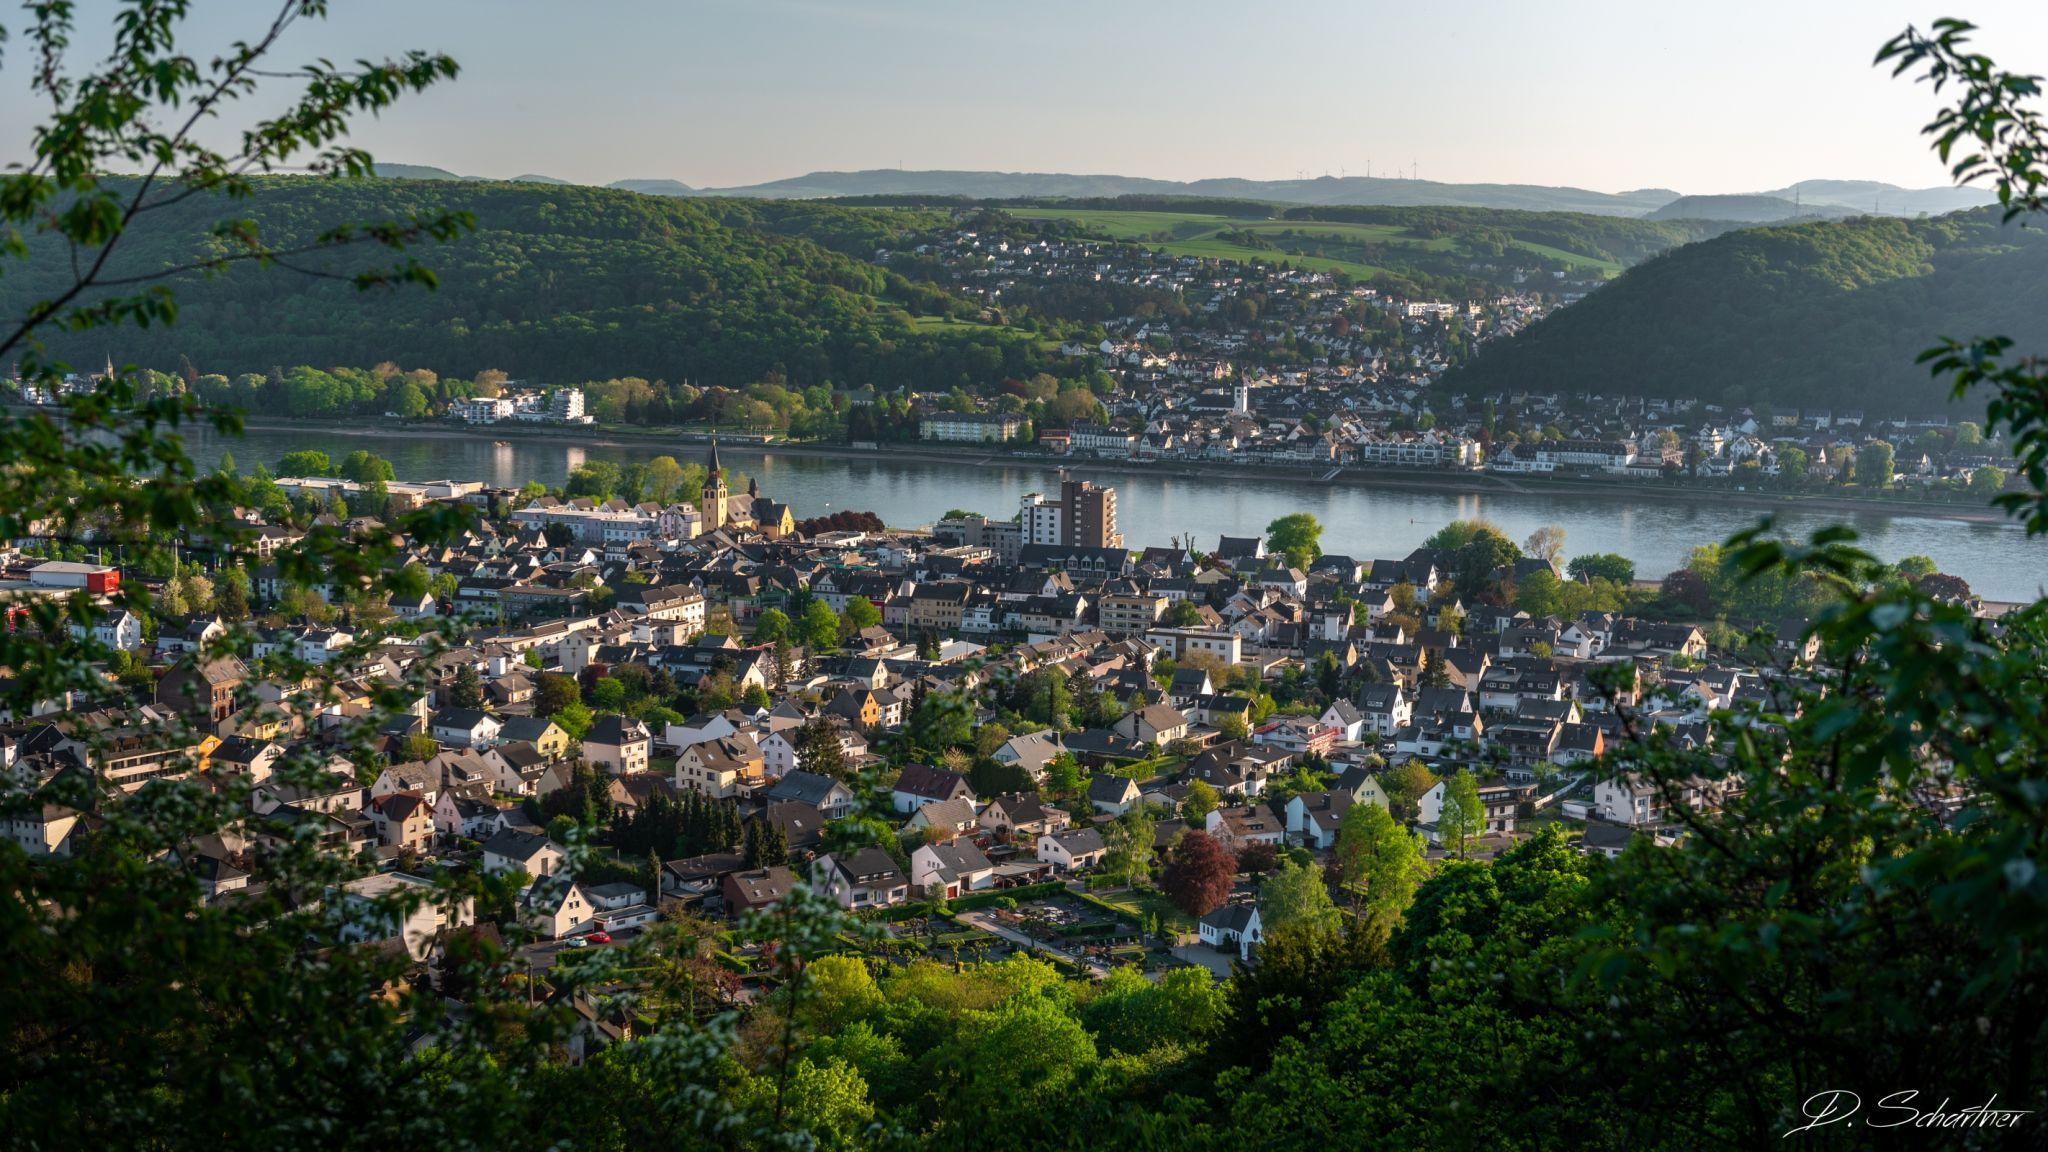 Bad Hönningen, Germany